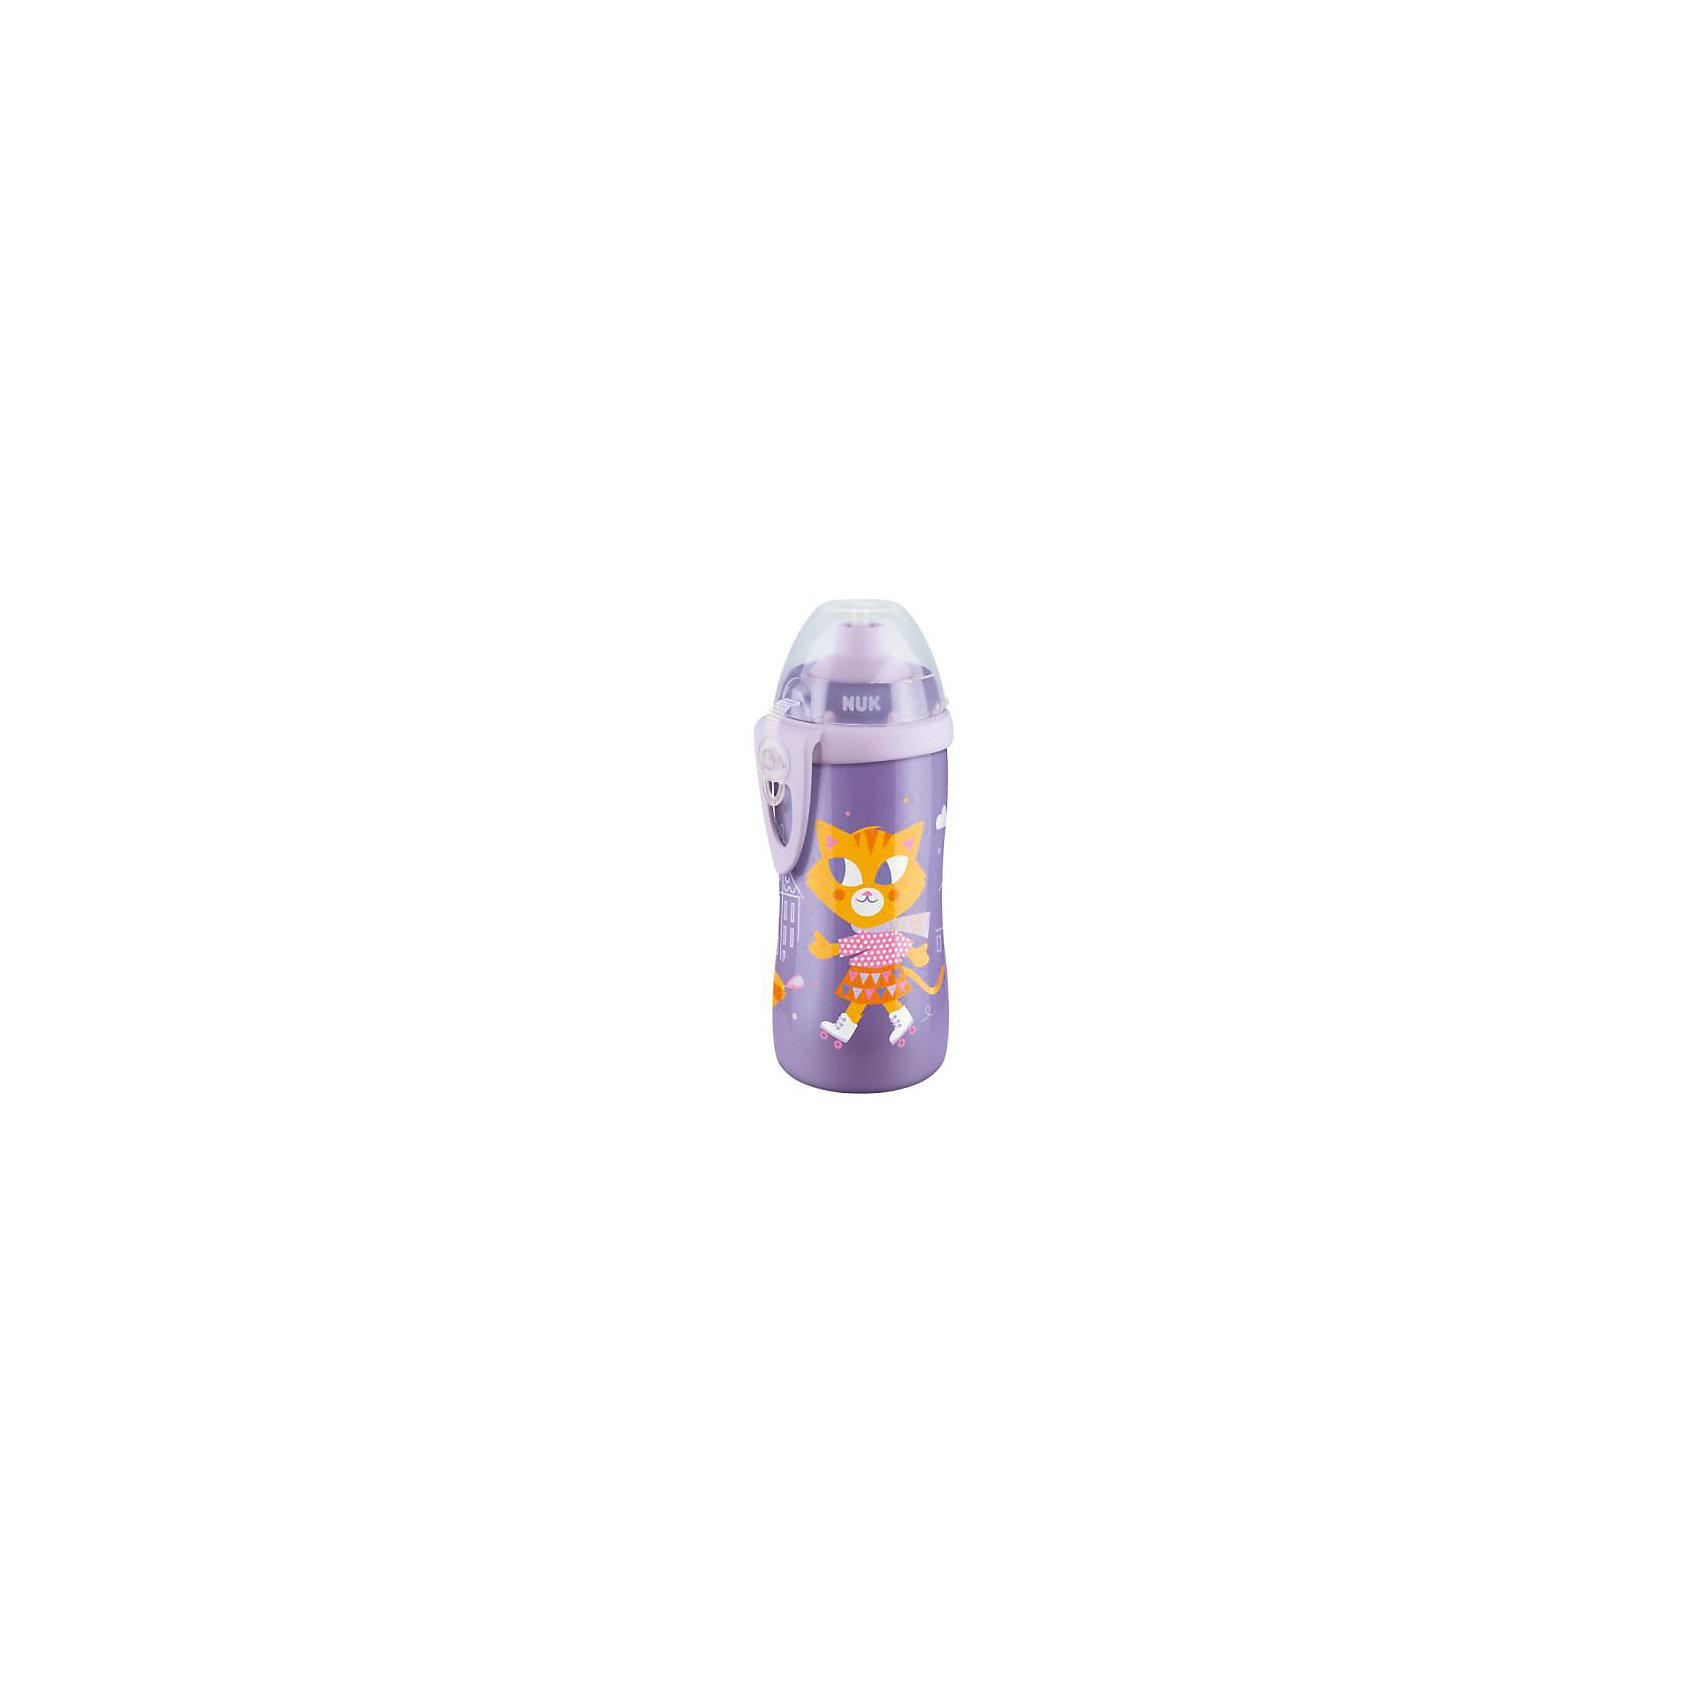 Поильник с насадкой Тяни-толкай Кошечка, 300 мл., NUK, фиолетовыйПоильники<br>Характеристики изделия:<br><br>- объем: 300 мл;<br>- цвет: фиолетовый;<br>- материал: полипропилен;<br>- широкое горло;<br>- удобная форма;<br>- боковая клипса;<br>- насадка Тяни-Толкай.<br><br>Детские товары существенно облегчают жизнь молодым мамам. Существует множество полезных в период материнства вещей. К таким относится обыкновенная пластиковая бутылочка-поильник. <br>Данная модель оптимально подходит для детей, которые активно двигаются. Предмет удобно держать. Поильник легко очищается от любых поверхностных загрязнений, так как имеет удобное широкое горлышко. Оптимальный объем позволит брать поильник в дорогу.<br><br>Поильник для активных детей и подвижных детей 300 мл. с насадкой Тяни-Толкай от производителя NUK можно купить в нашем магазине.<br><br>Ширина мм: 75<br>Глубина мм: 70<br>Высота мм: 245<br>Вес г: 245<br>Возраст от месяцев: 6<br>Возраст до месяцев: 2147483647<br>Пол: Унисекс<br>Возраст: Детский<br>SKU: 5065252